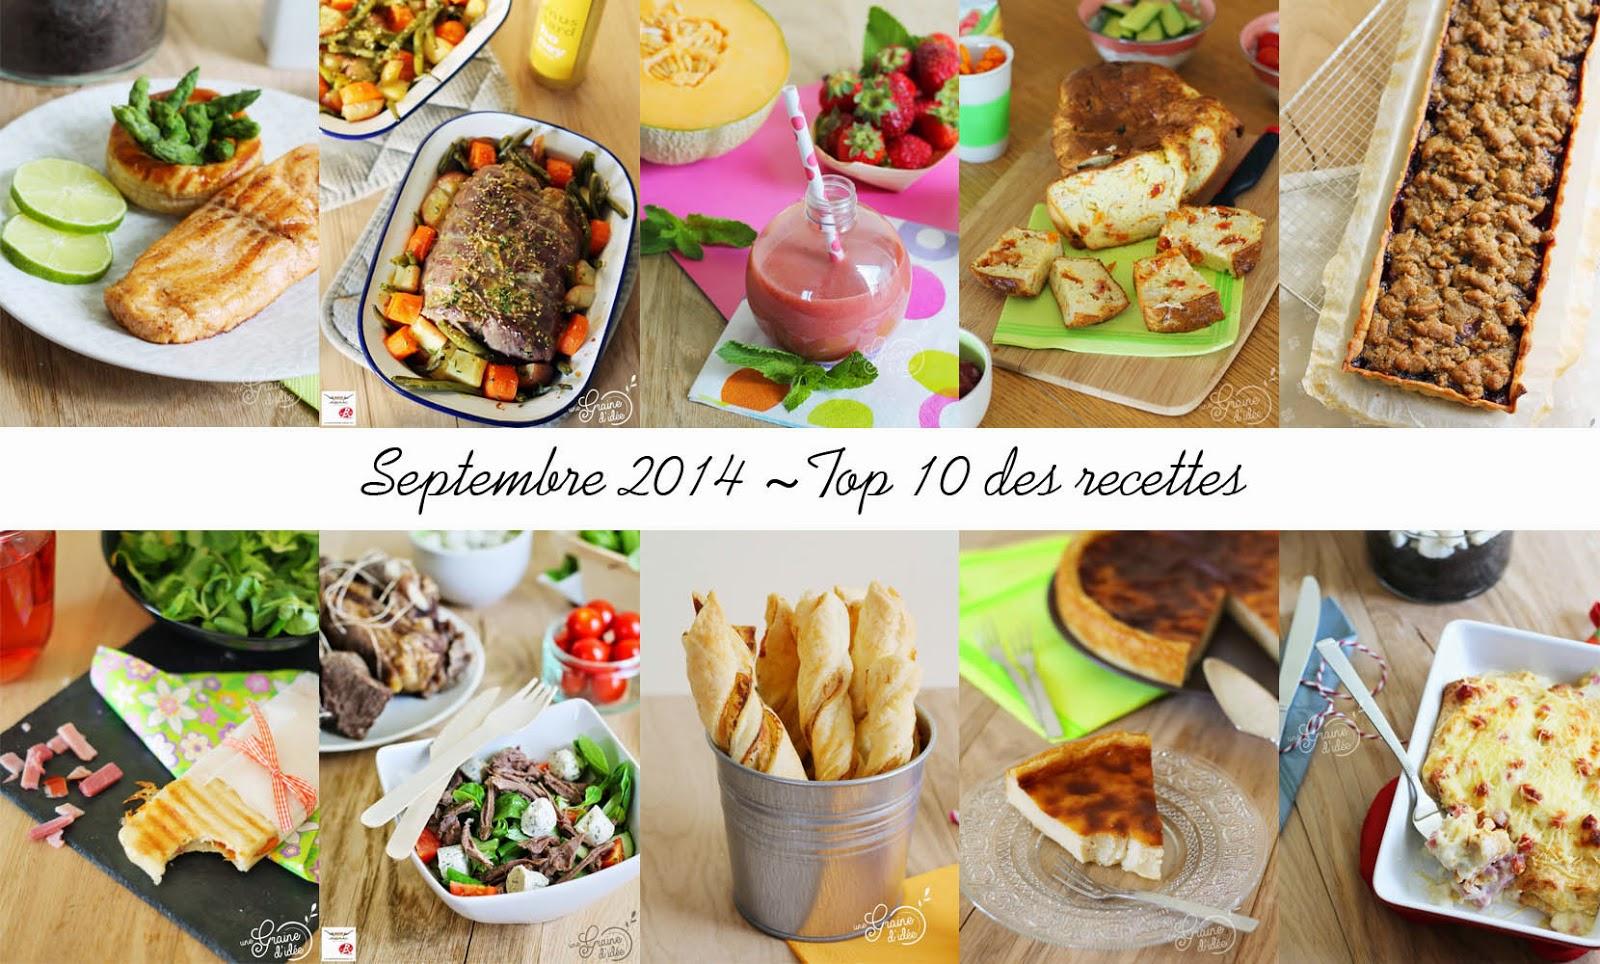 Top 10 des recettes les plus consultées au mois de Septembre 2014